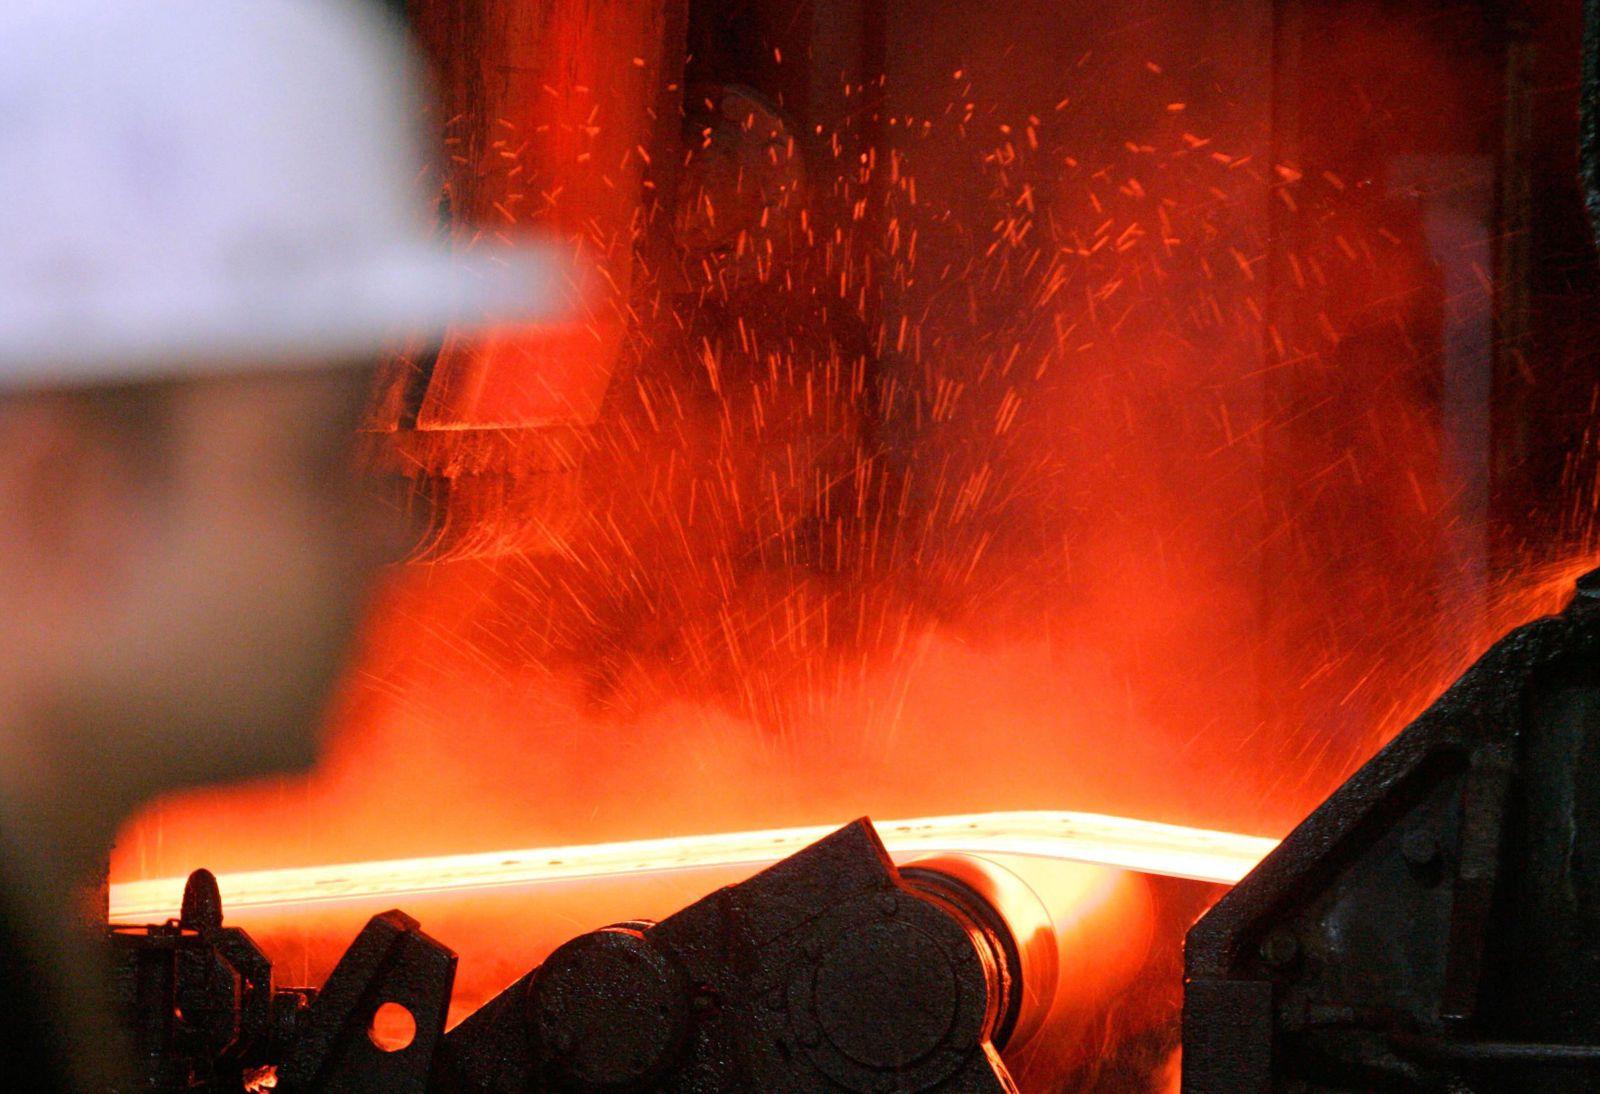 Stahlproduktion / metall / Stahl / ThyssenKrupp / stahlband / Stahlwerk